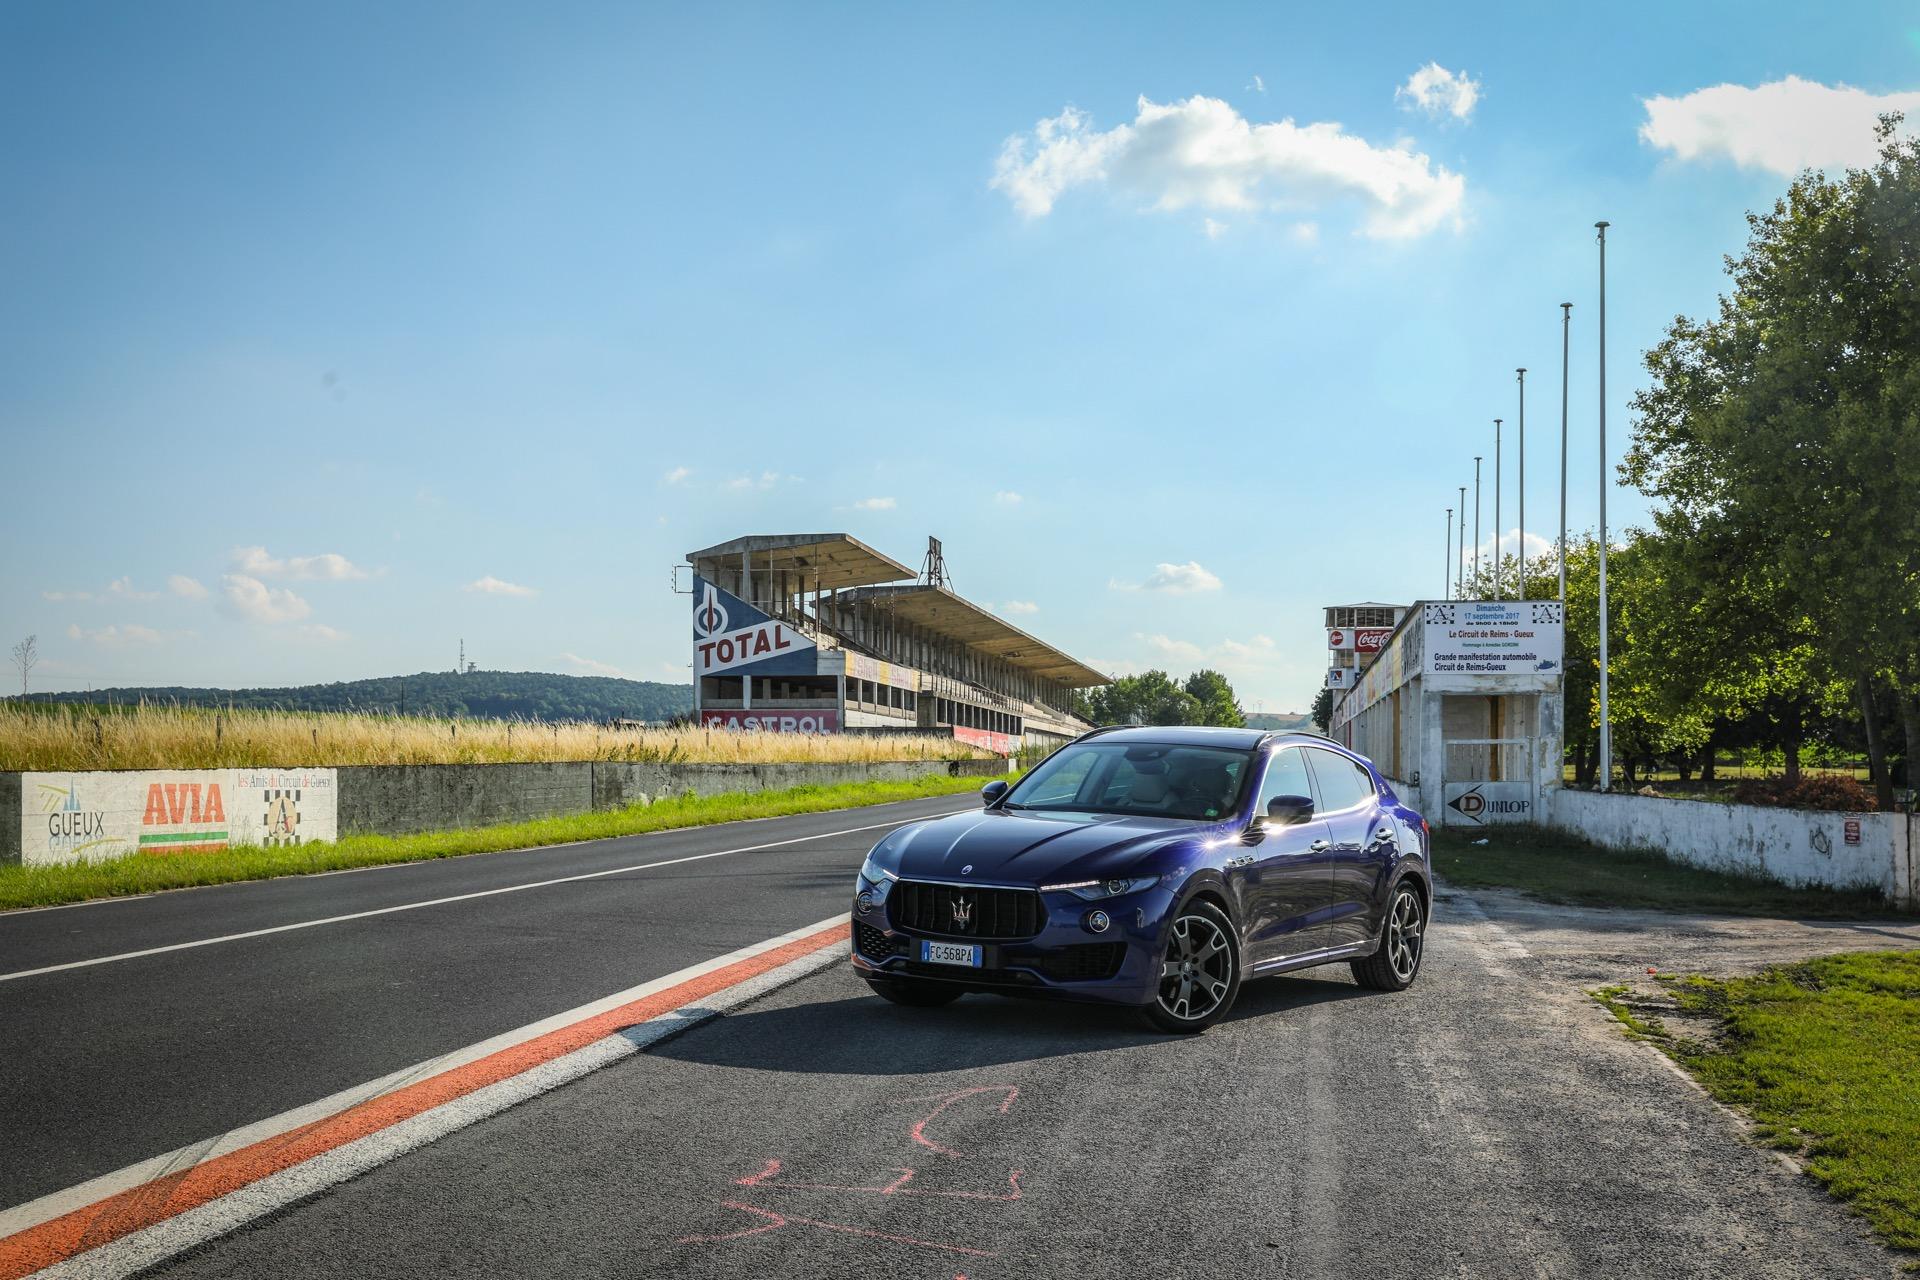 Maserati Levante S – The 1,000 Mile Review